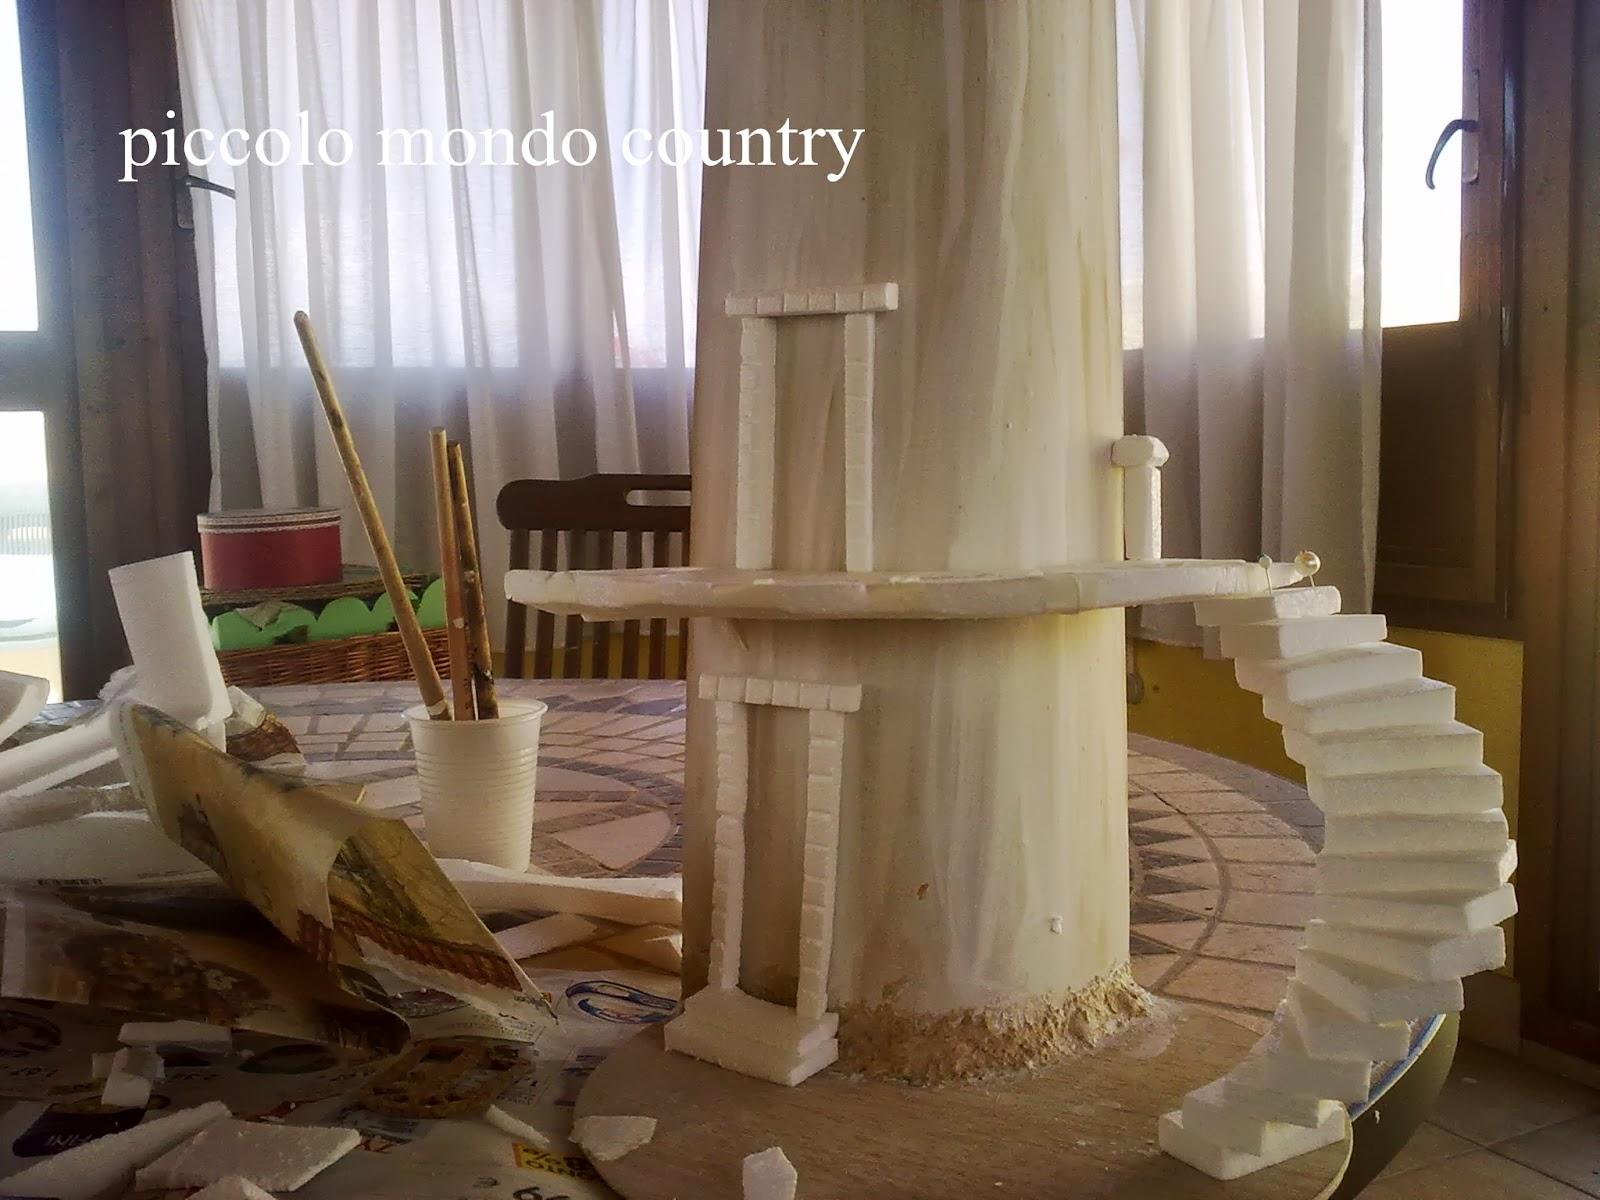 Piccolo mondo country tegole decorate - Tegole decorate ...